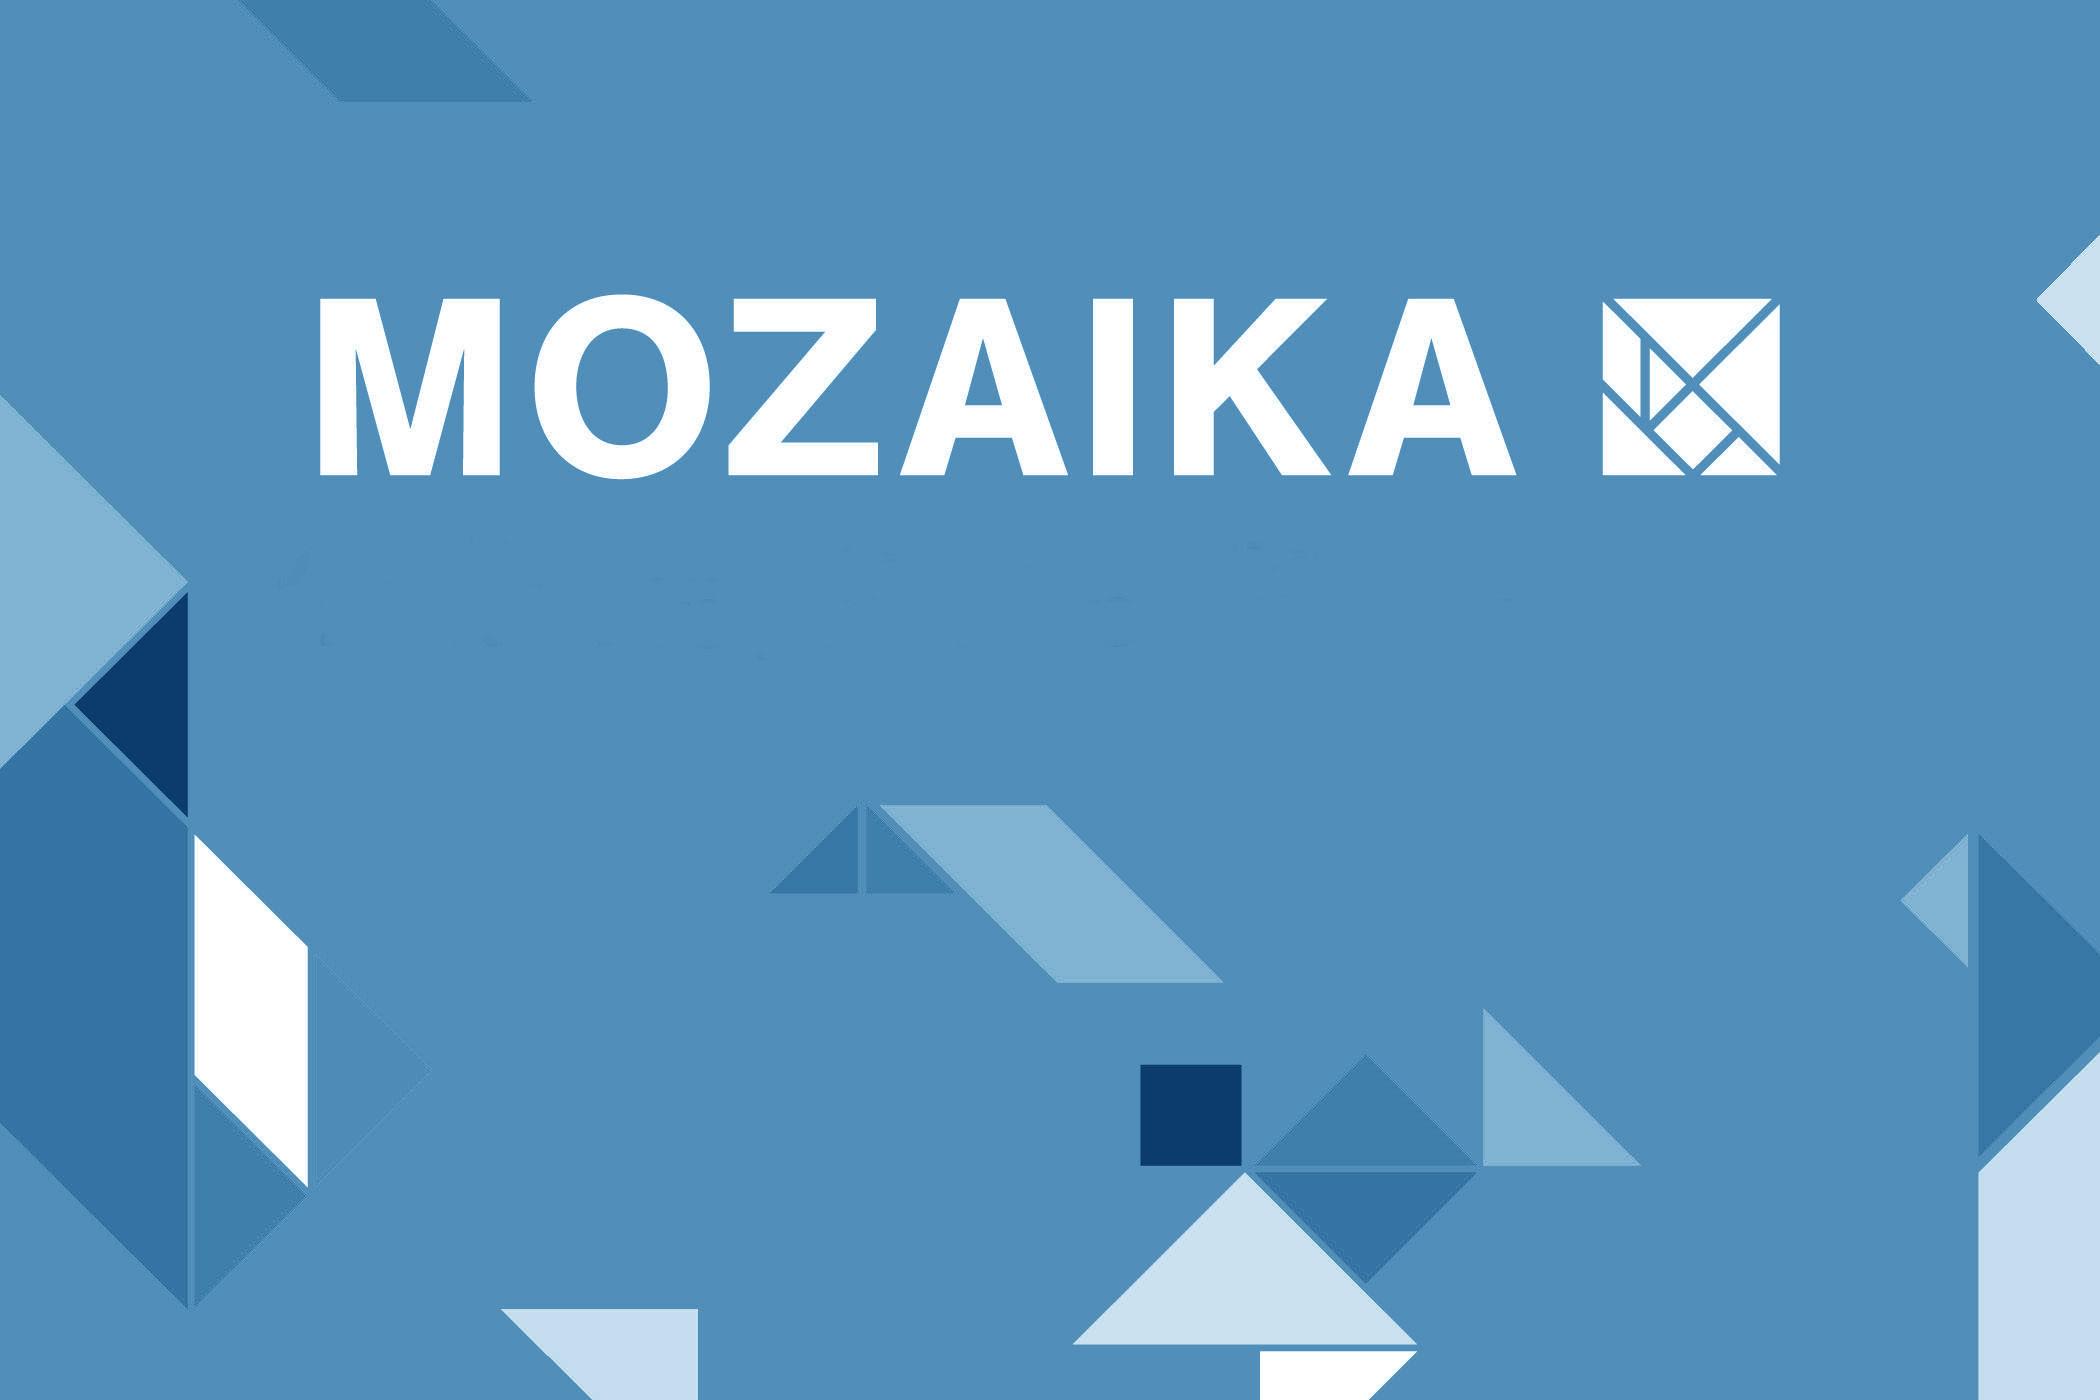 Obrázek Víkendová Mozaika, Výběr kulturních aktualit týdne.